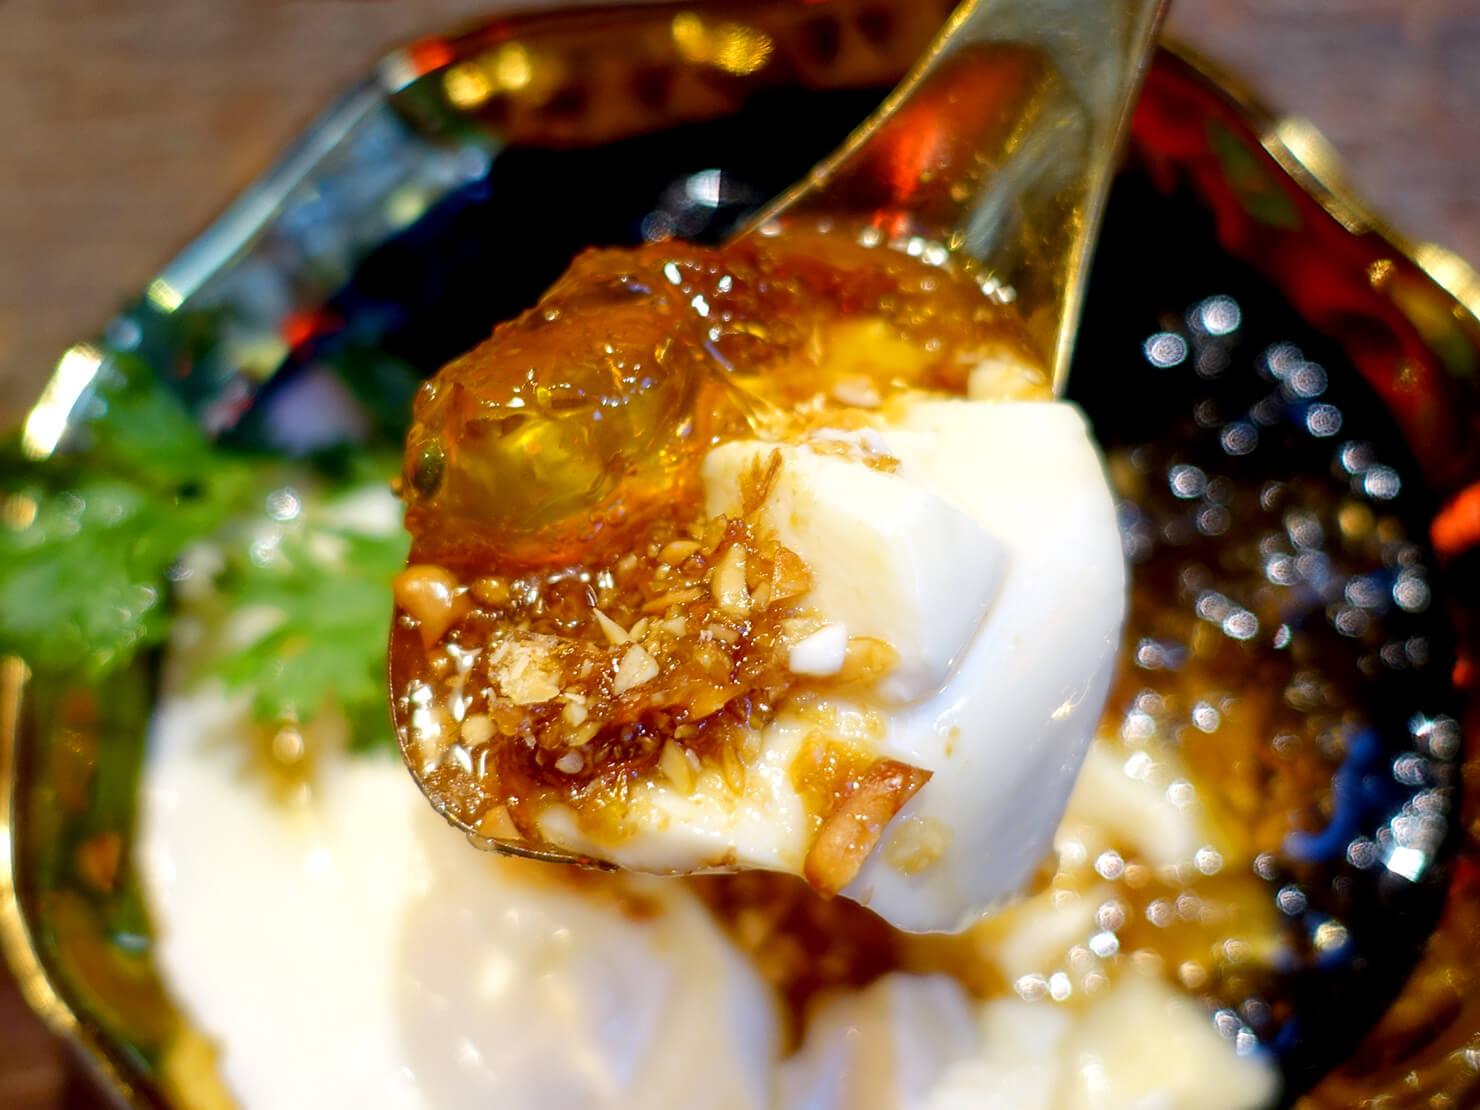 台北・永康街の豆花がいただけるお店「白水豆花」の麥芽糖花生桃膠豆花クローズアップ